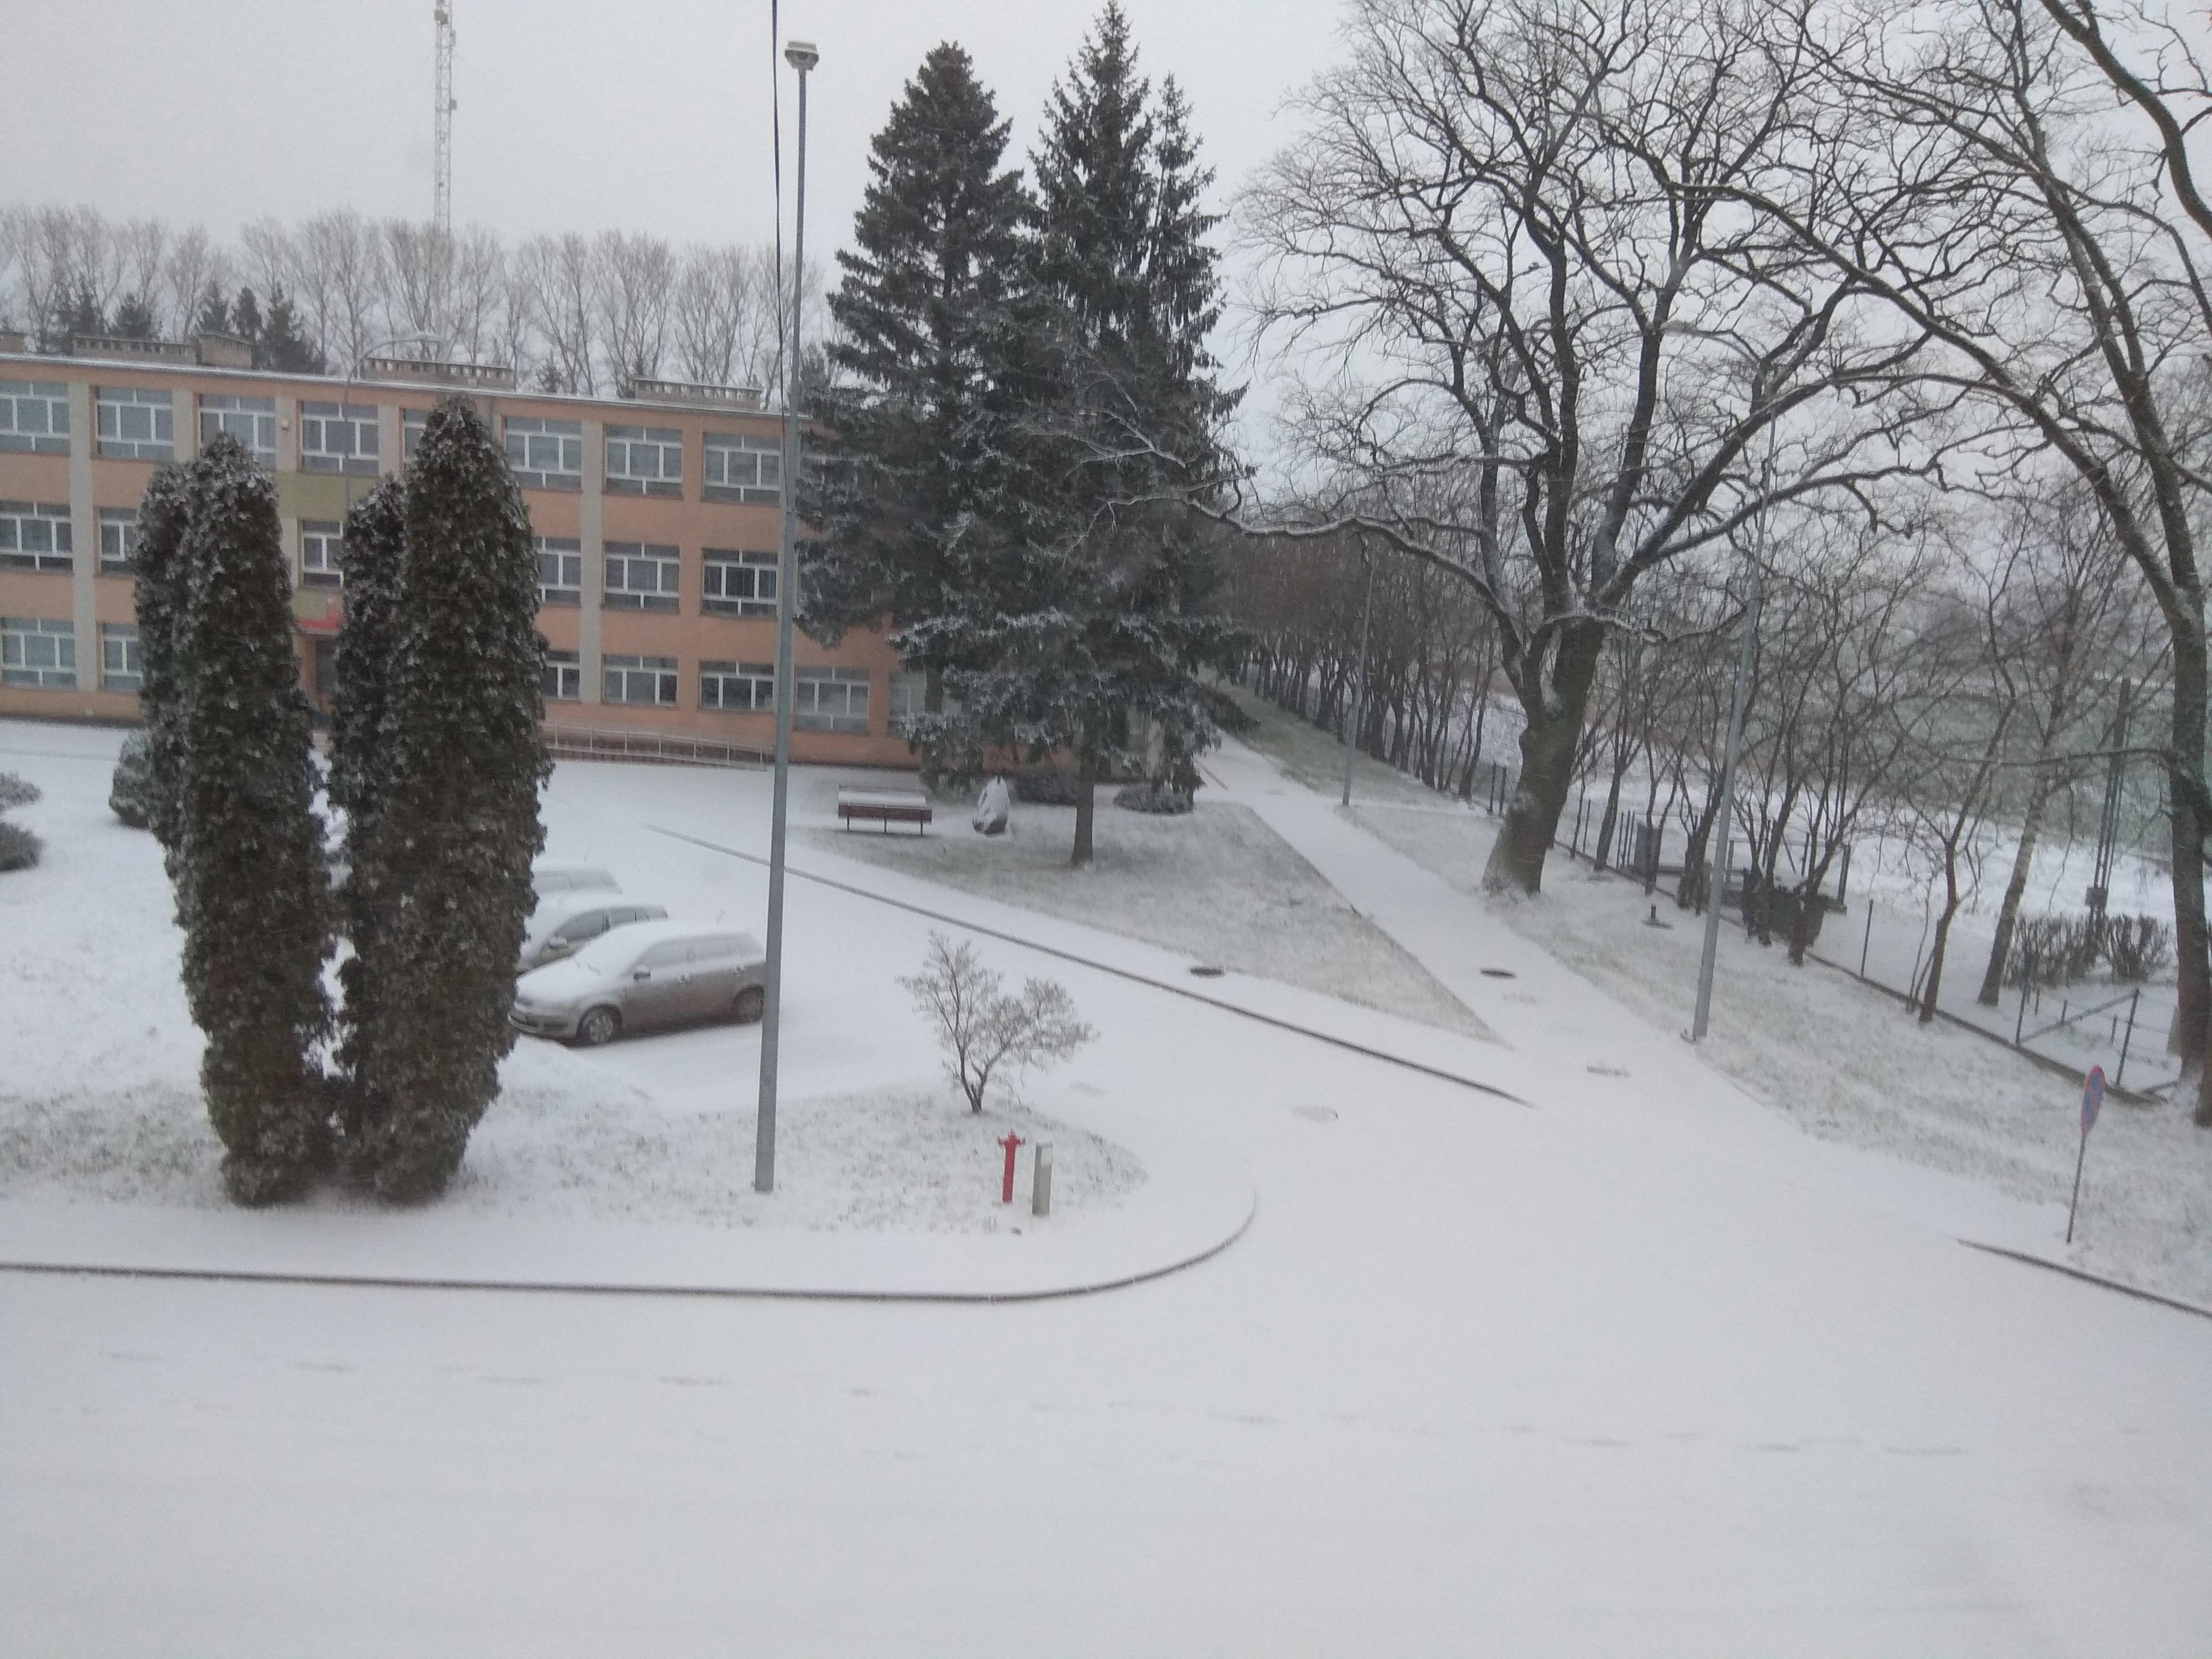 Zimowa odsłona ośrodka w Krzyżewie – z lewej widoczny trzypoziomowy  budynek wśród ośnieżonych iglaków, a z prawej wysokie drzewa, otoczenie pokryte śniegiem.